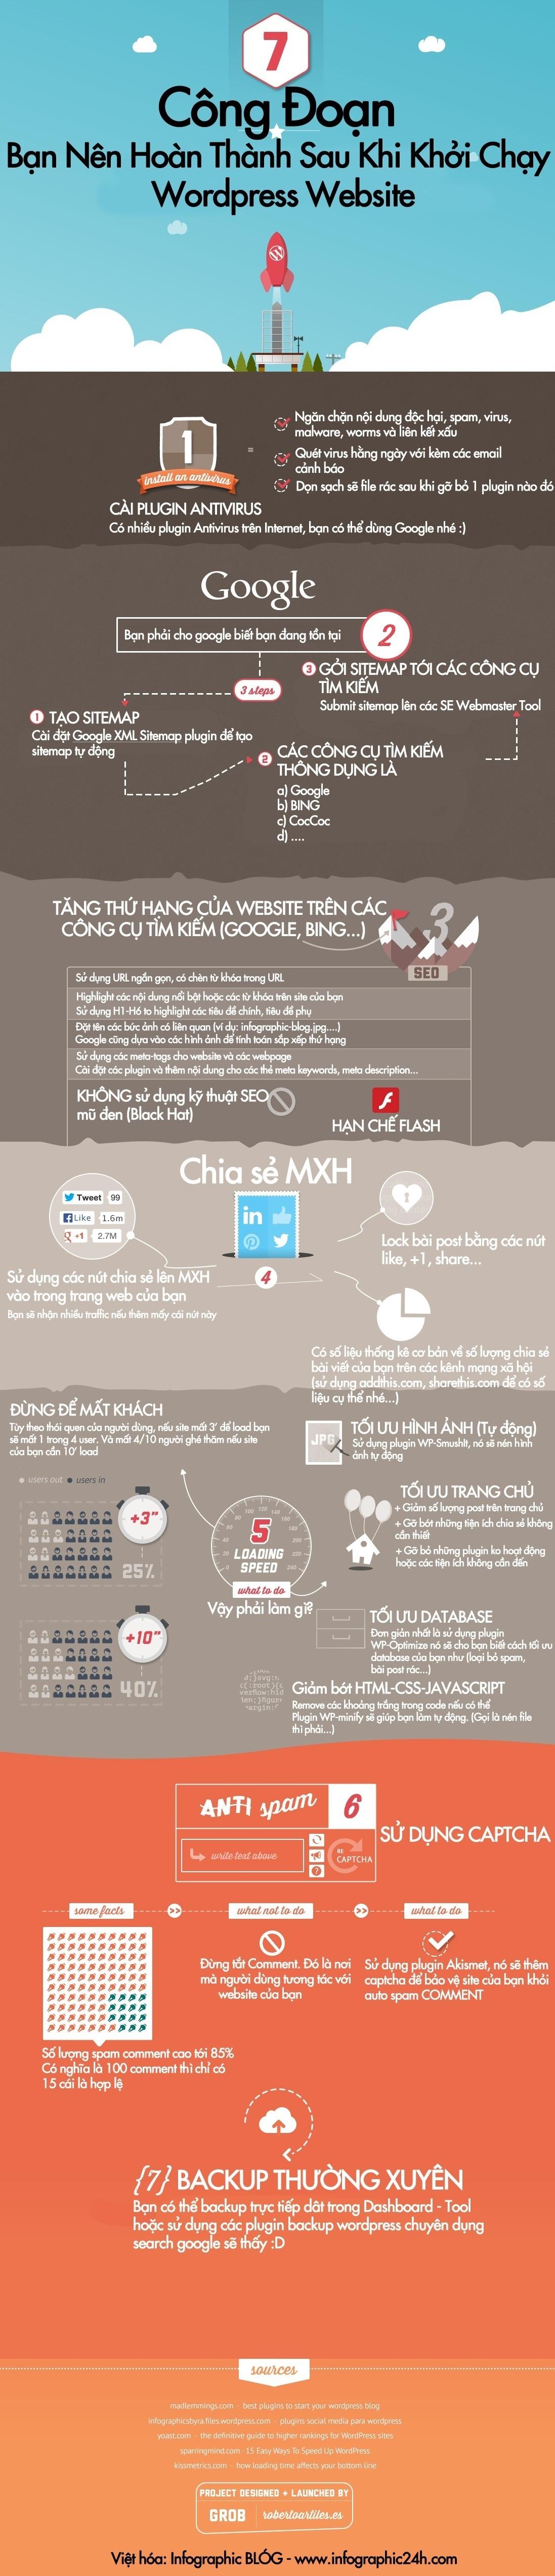 Infographic - 7 Công Đoạn Cần Hoàn Thành Sau Khi Tạo Site WordPress